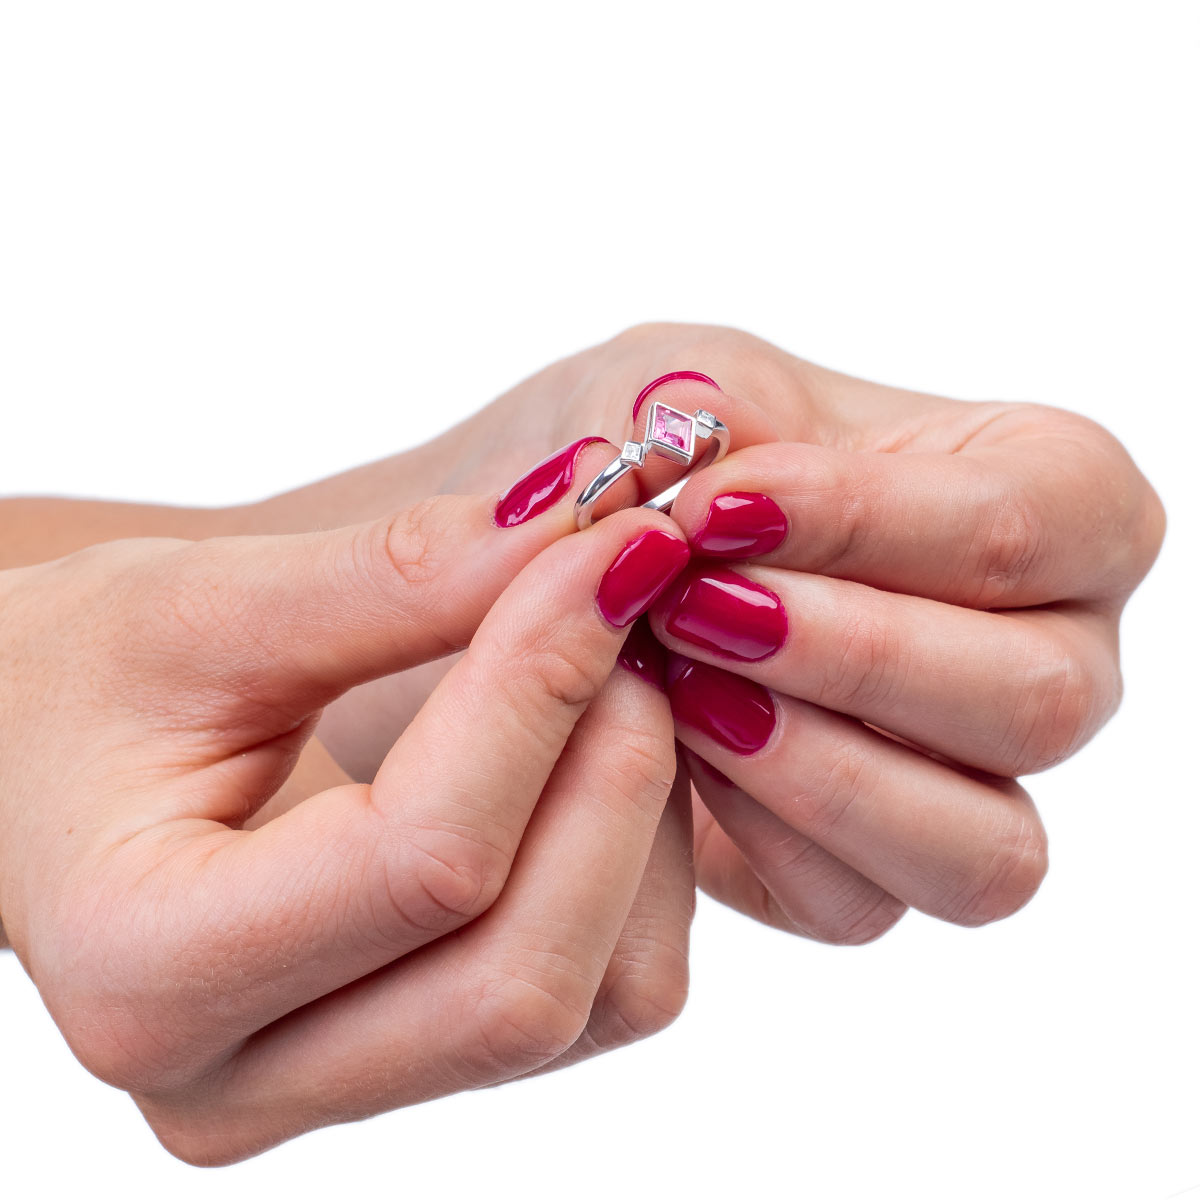 Edinstven Prstan Karo roza Safir in Princess diamanti na roki